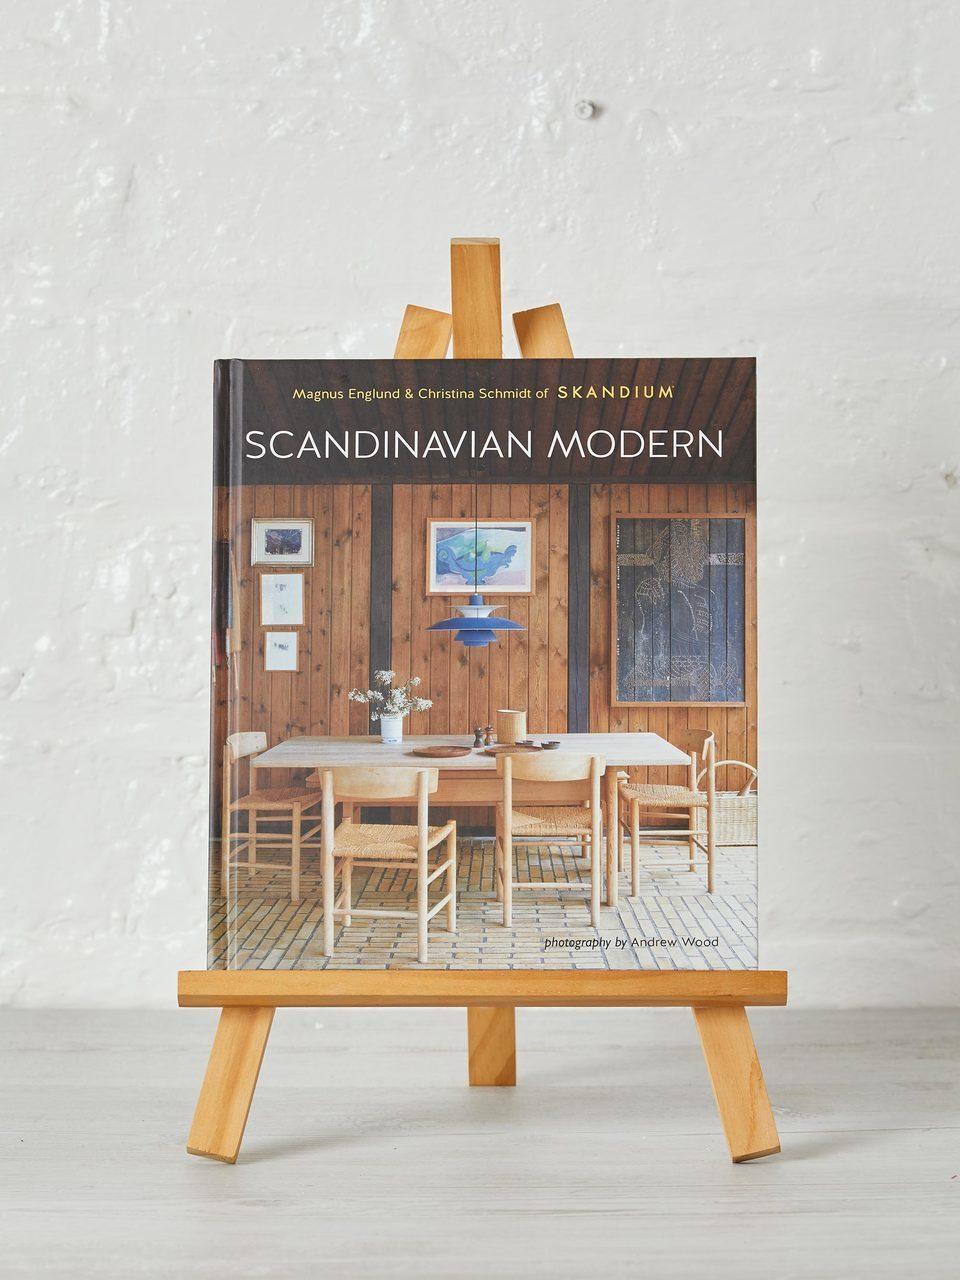 Scandinavian Modern, Skandium